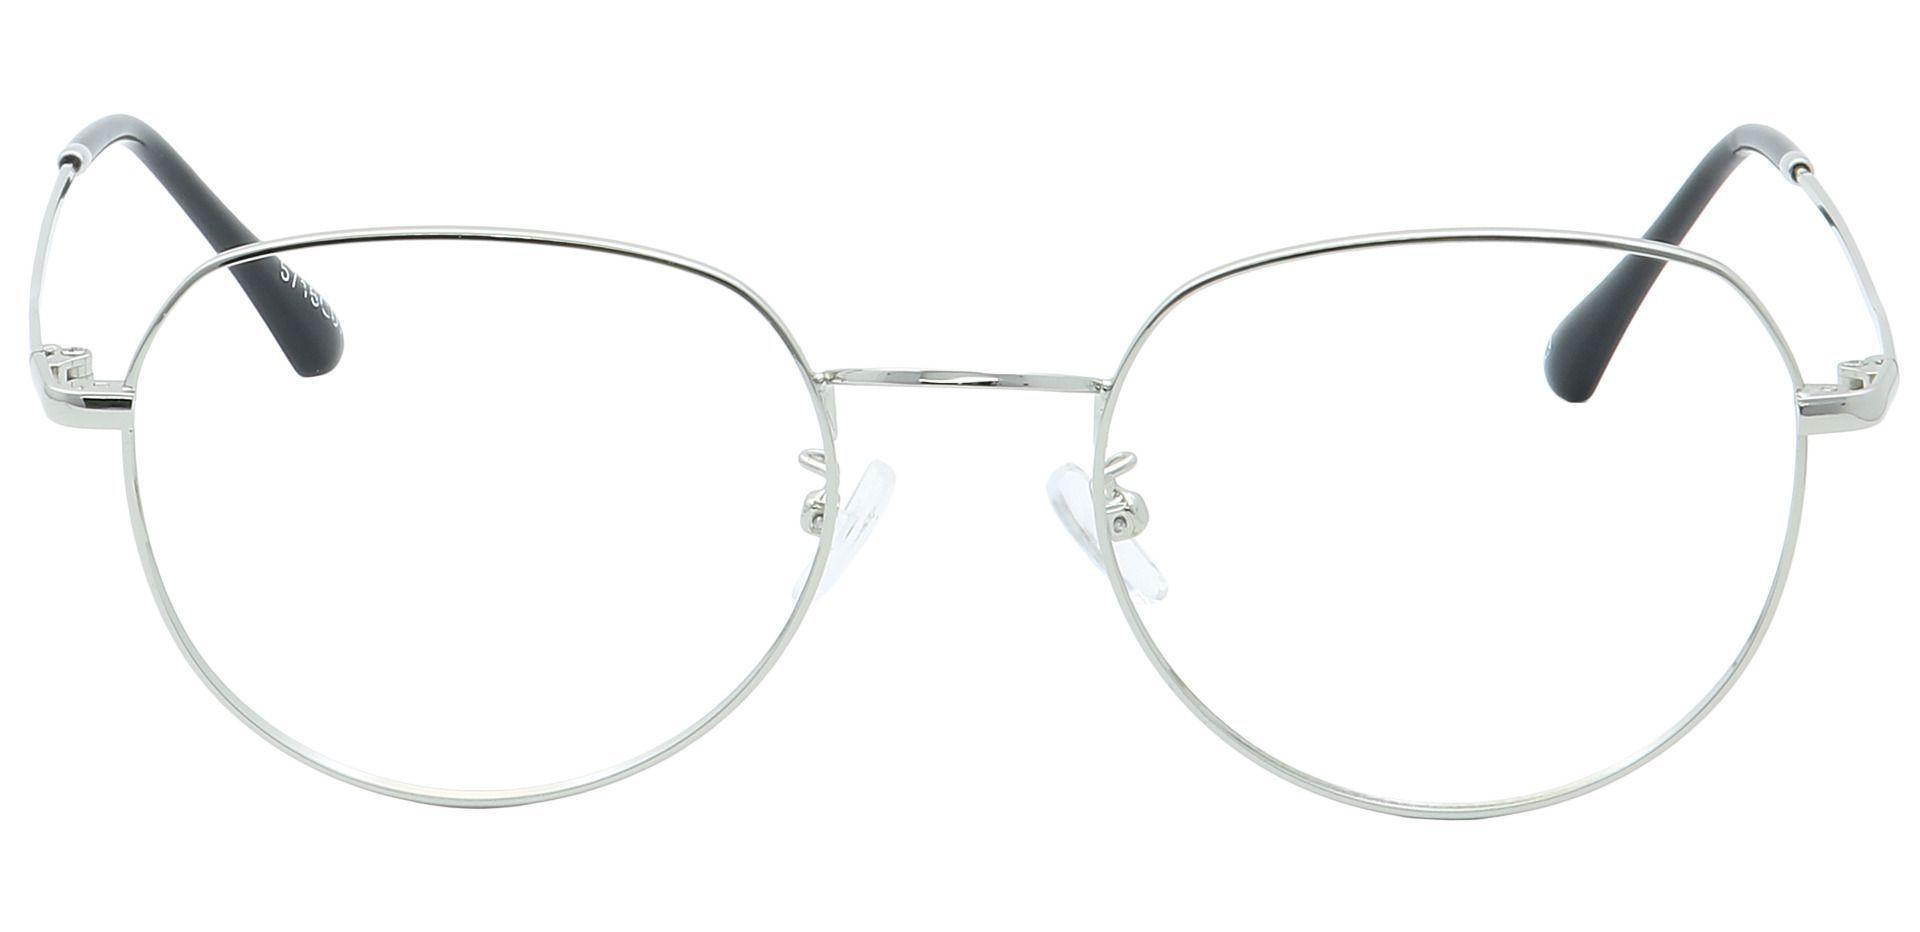 Maren Round Eyeglasses Frame - Clear